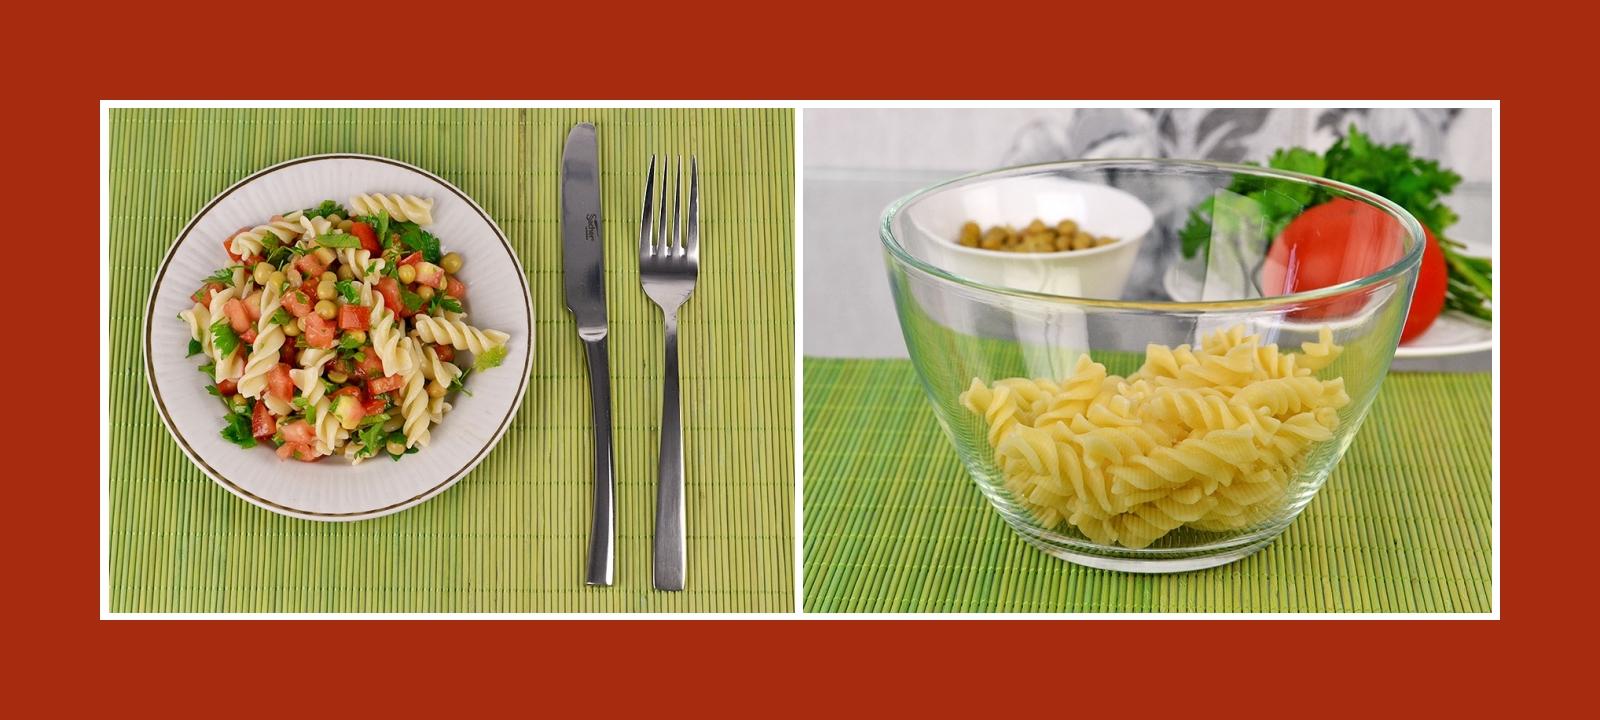 Minuten-Salat mit Nudeln